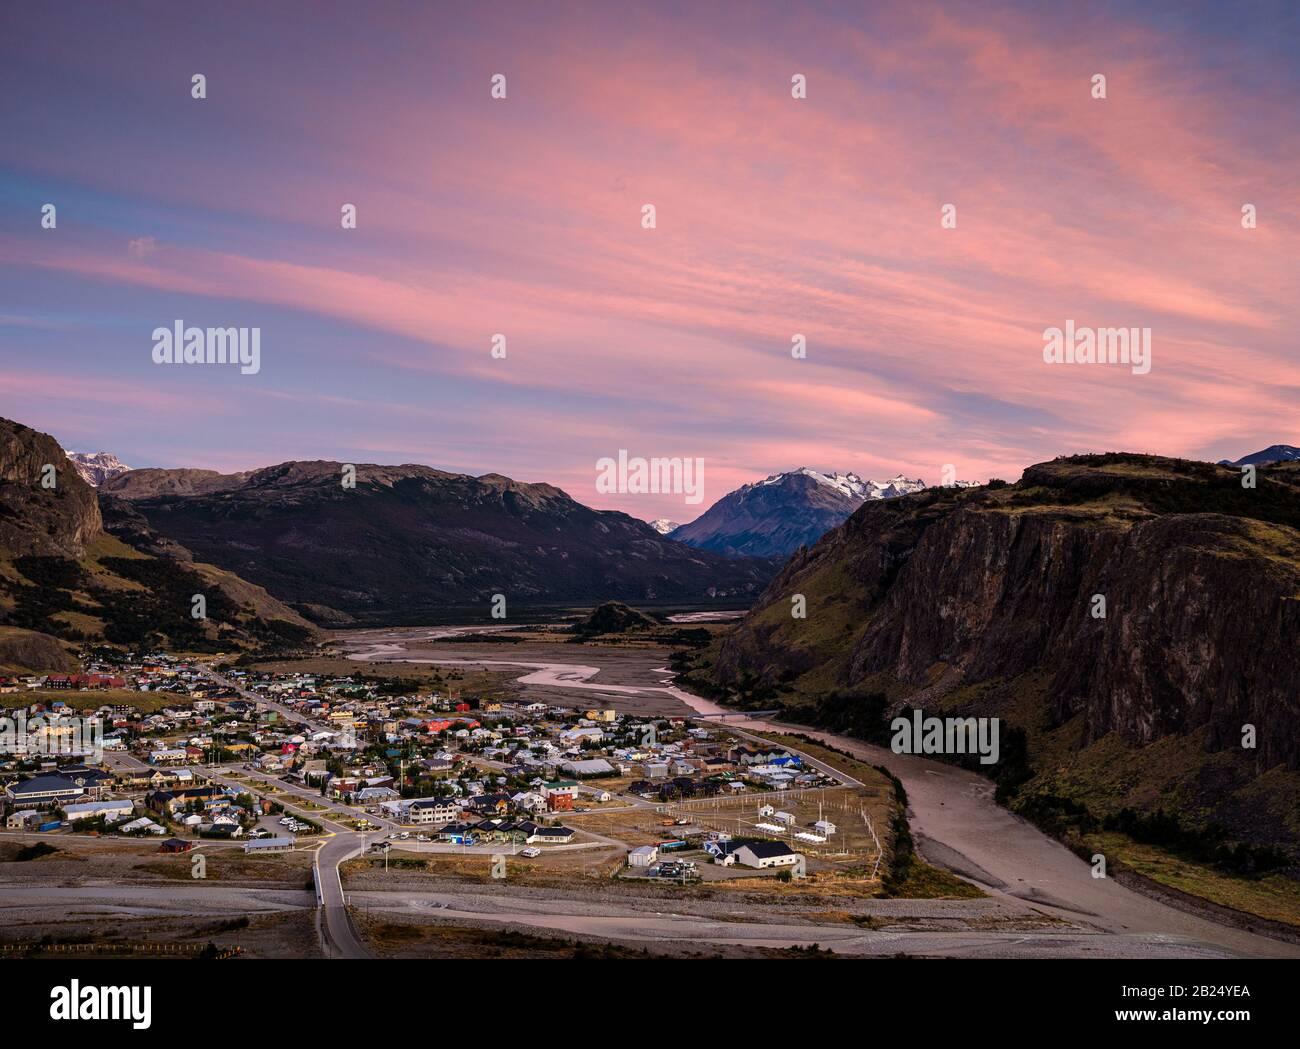 PARQUE Nacional LOS GLACIARES, ARGENTINA - ALREDEDOR DE FEBRERO 2019: Vista panorámica de el Chalten en el Parque Nacional los Glaciares en Argentina. Foto de stock